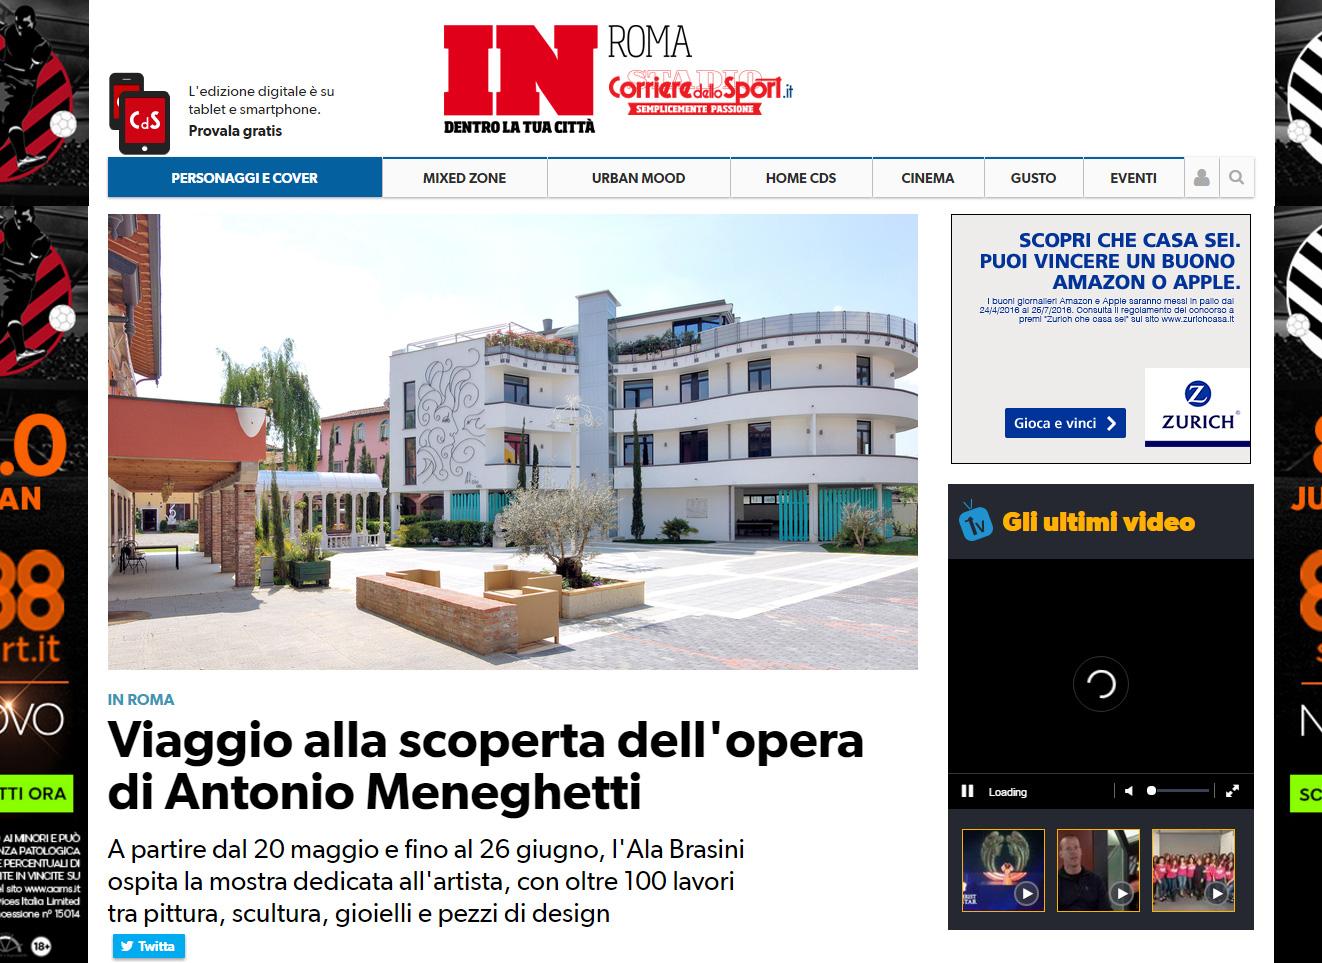 CORRIERE DELLO SPORT - IN ROMA